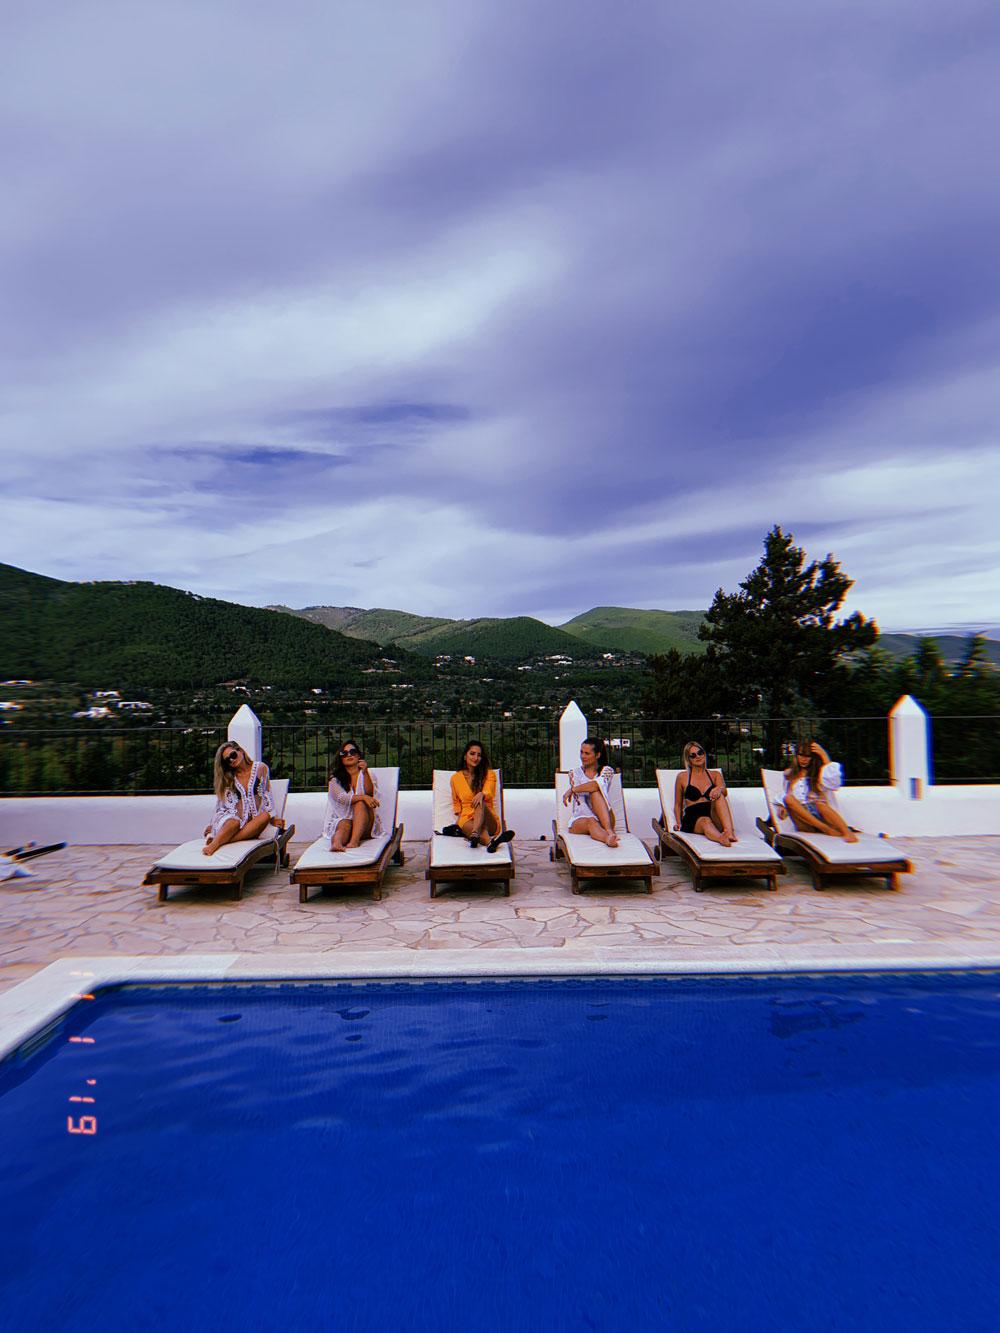 Ibiza im Oktober: So schön ist Ibiza in der Nebensaison - Villa Can Xumeu den March und unser Pool